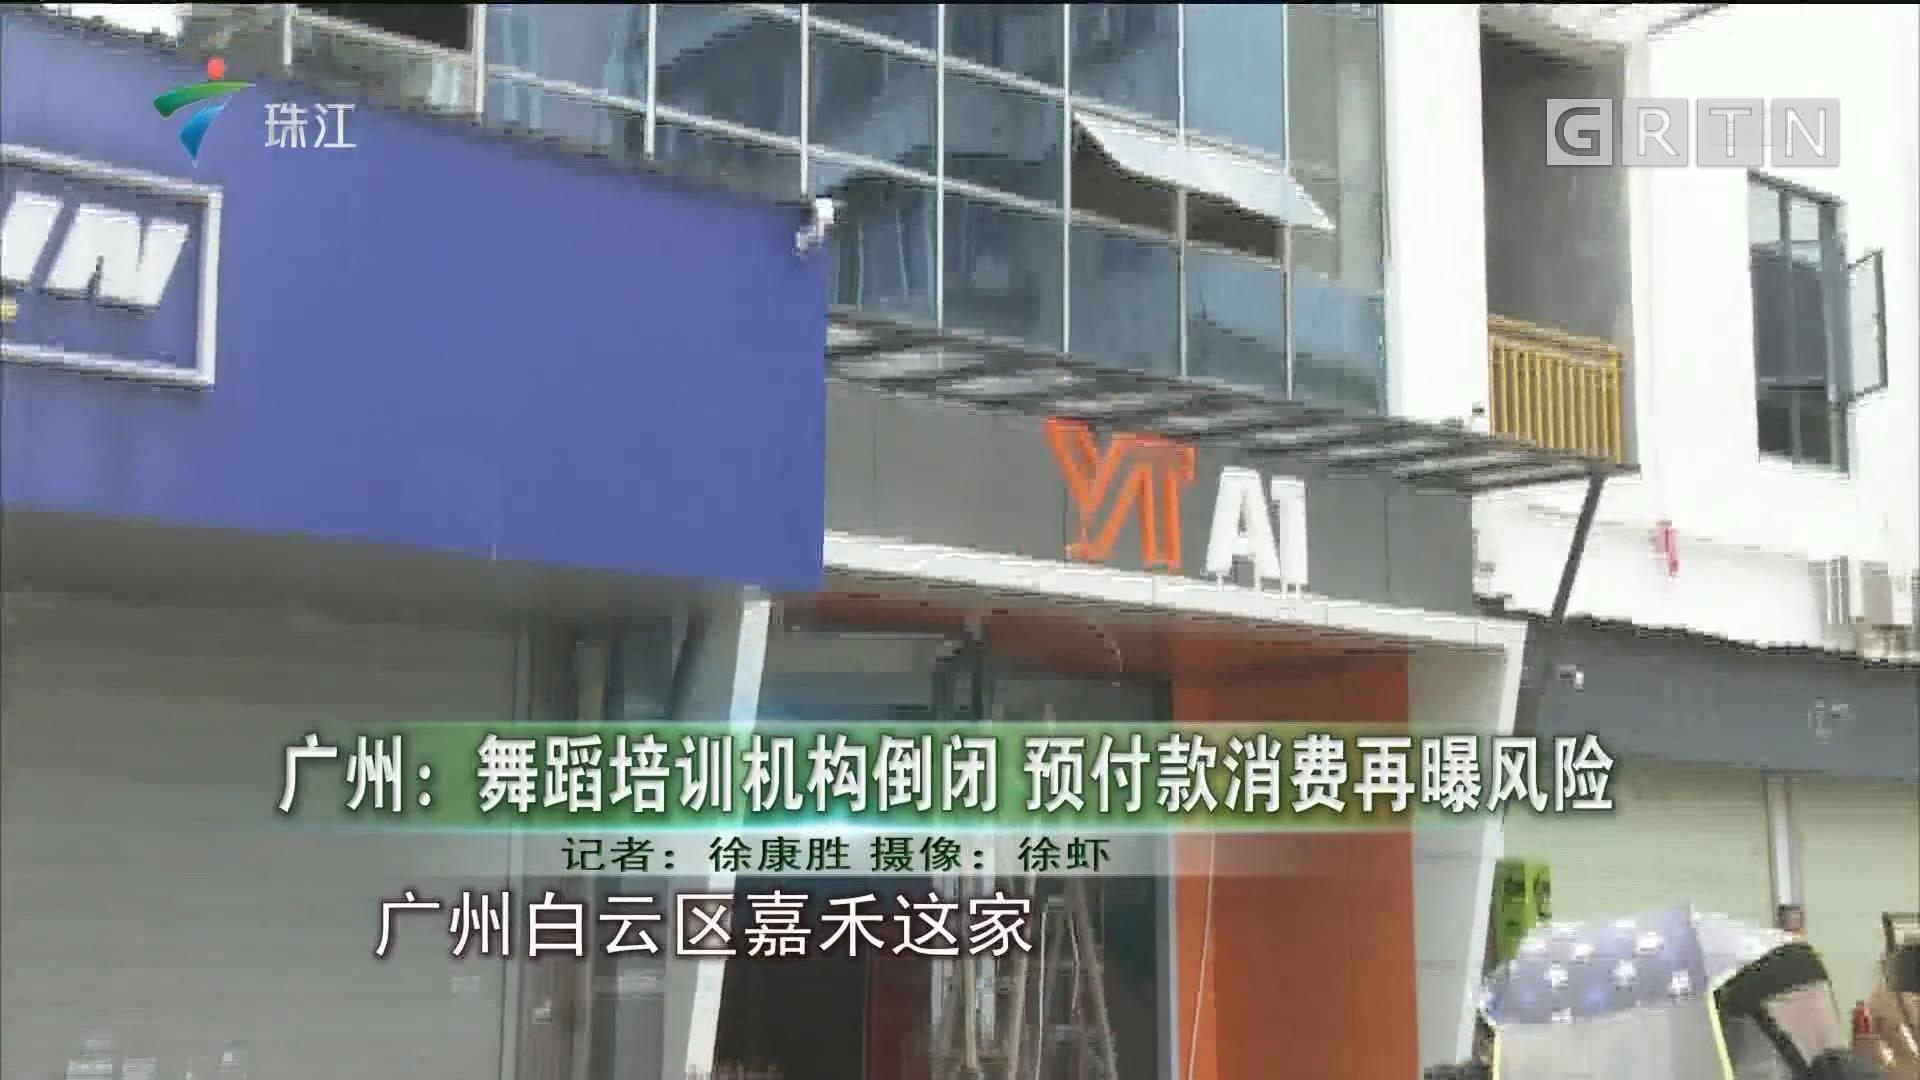 廣州:舞蹈培訓機構倒閉 預付款消費再劵風險